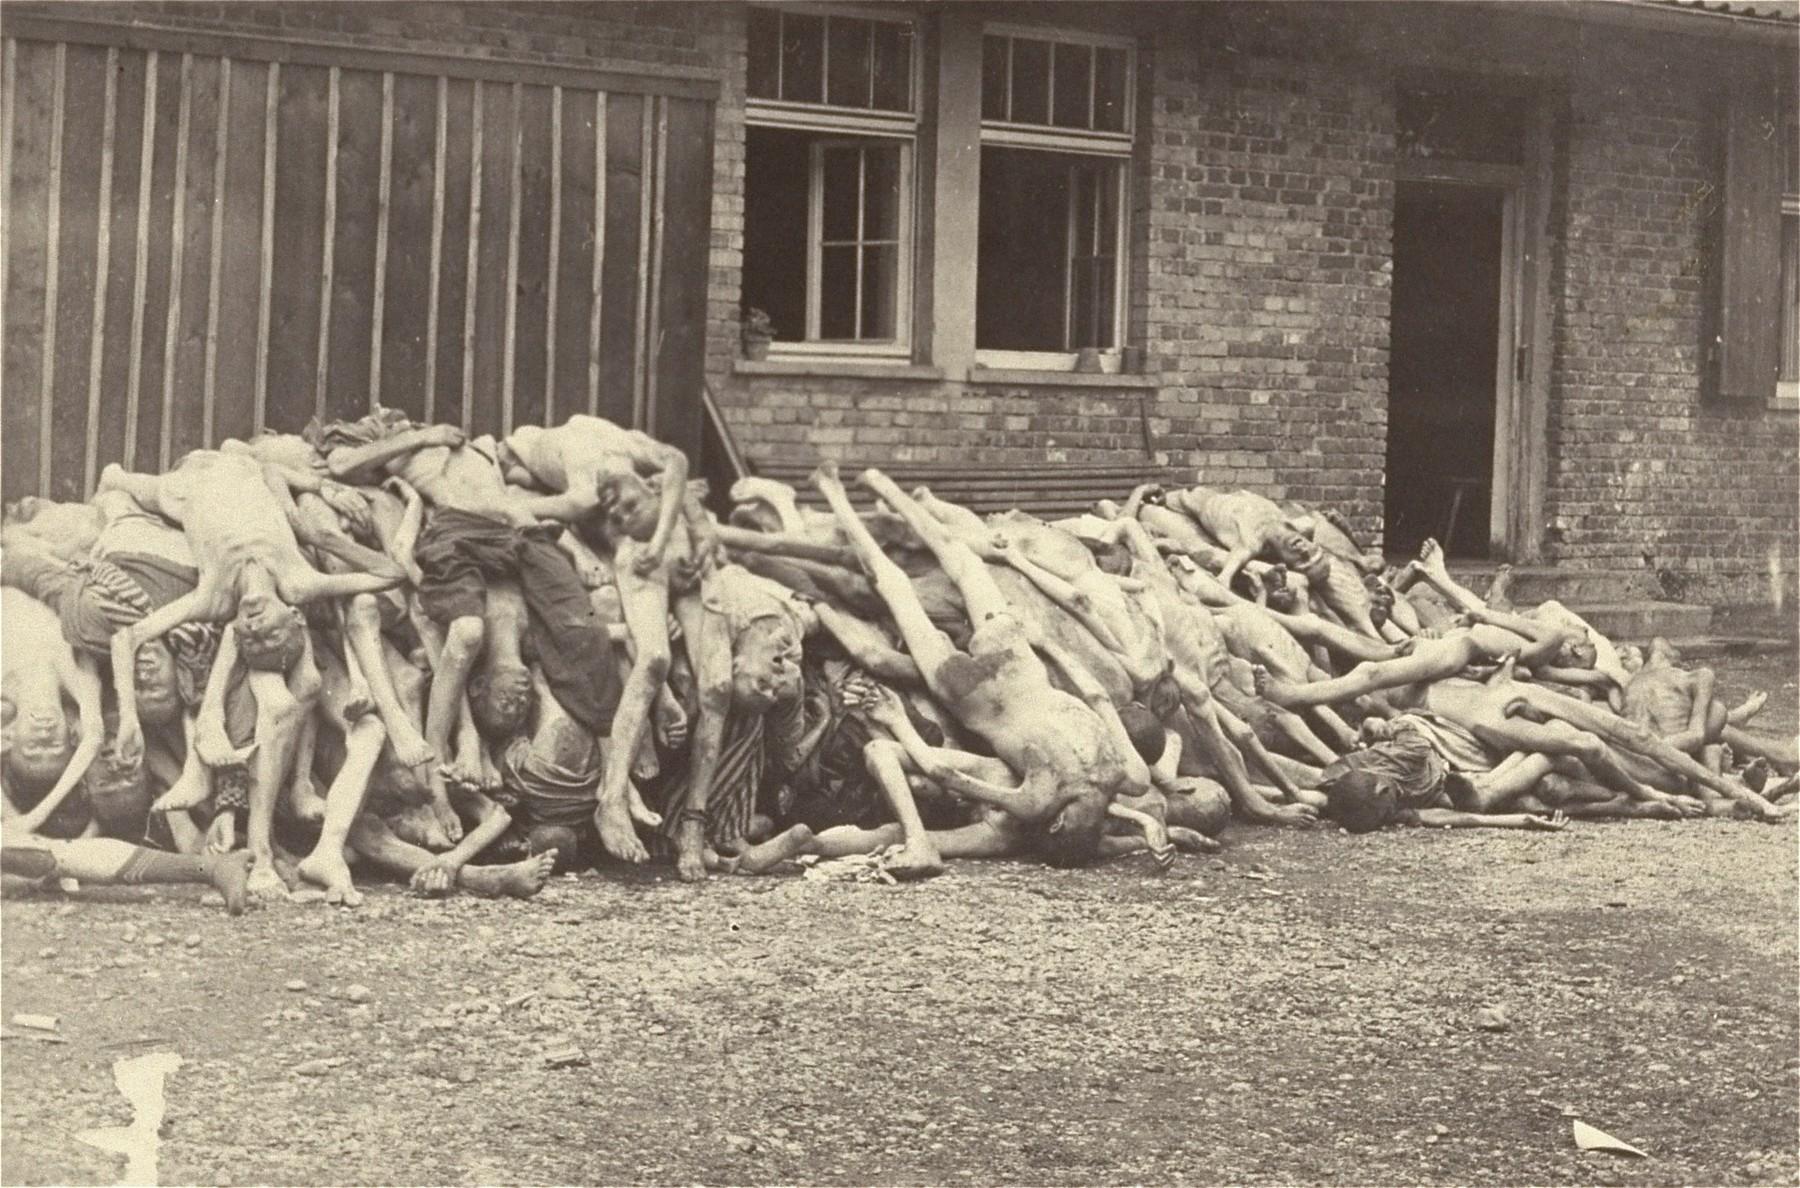 Corpses piled behind the crematorium.